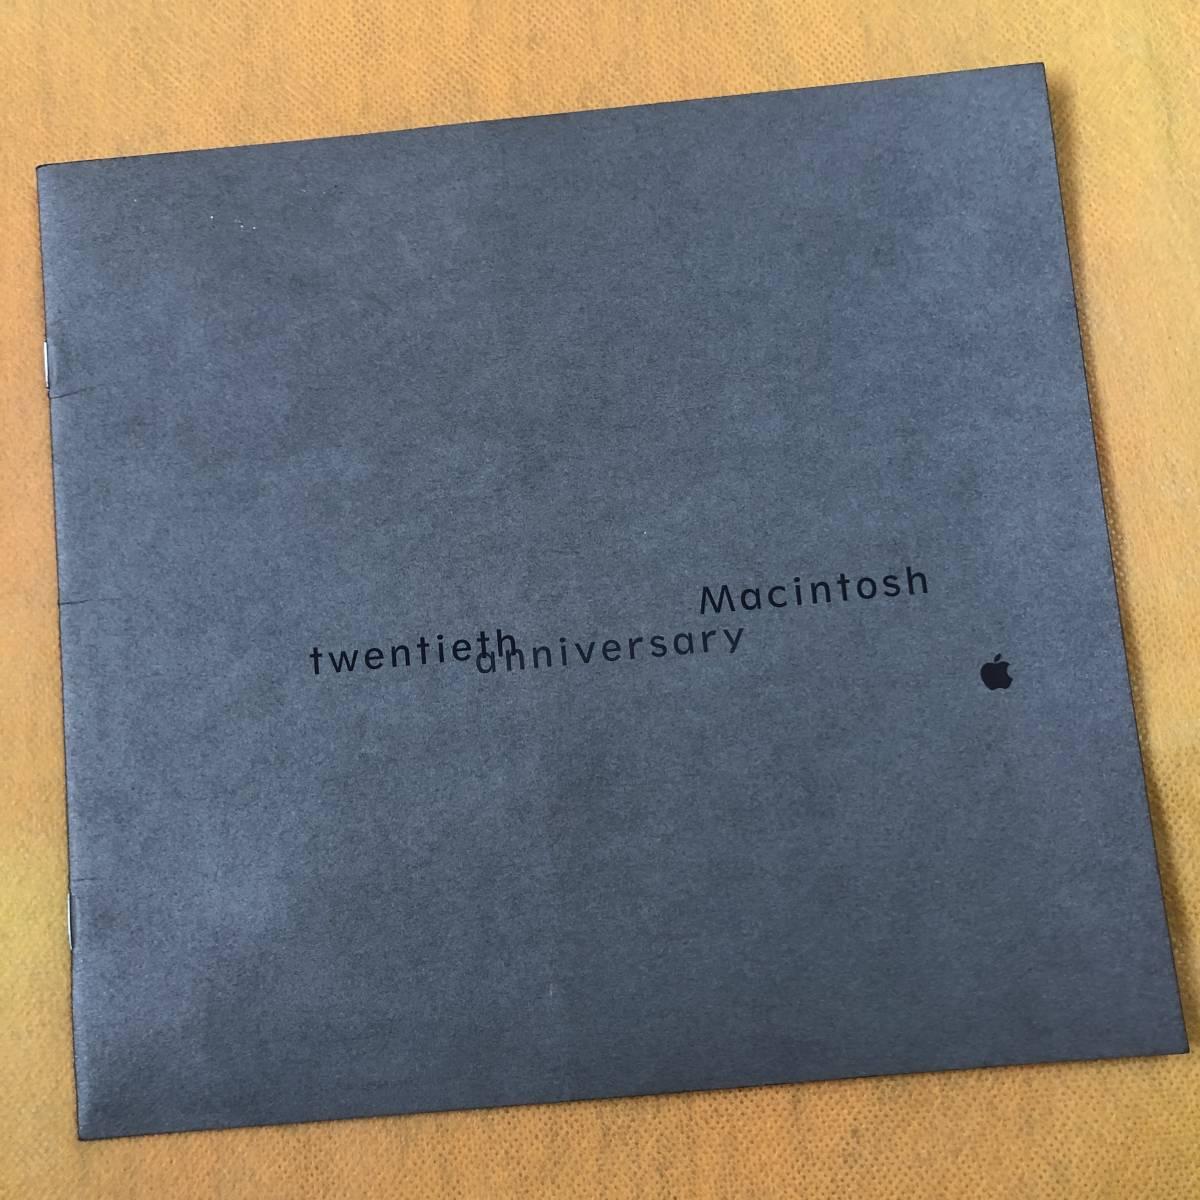 Apple「スパルタカス」カタログ マッキントッシュ アップル20周年 1997年当時物 Macintosh _画像2